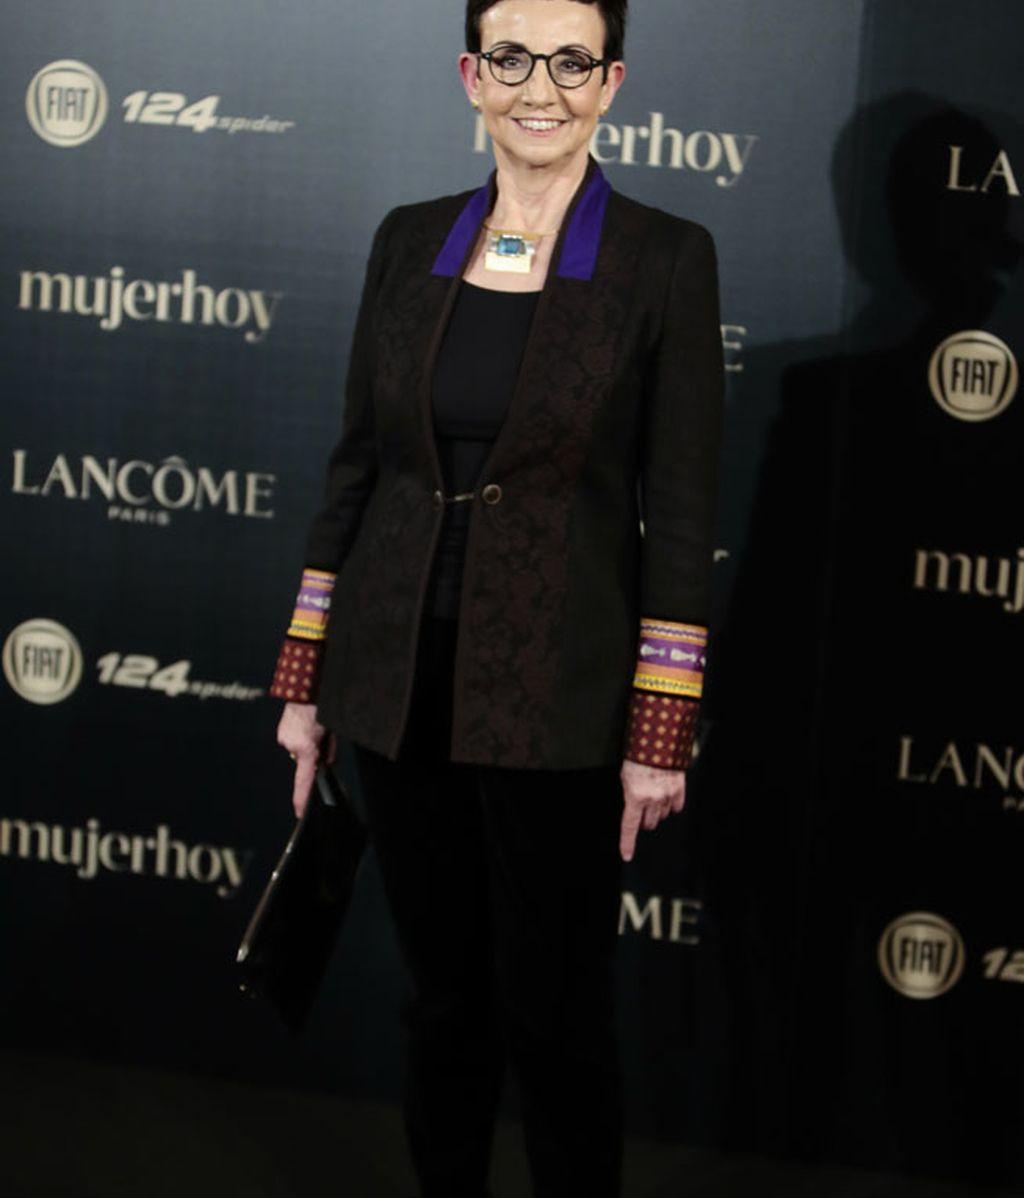 La única con siete estrellas Michelín, Carme Ruscadella, recibió otro de los premios